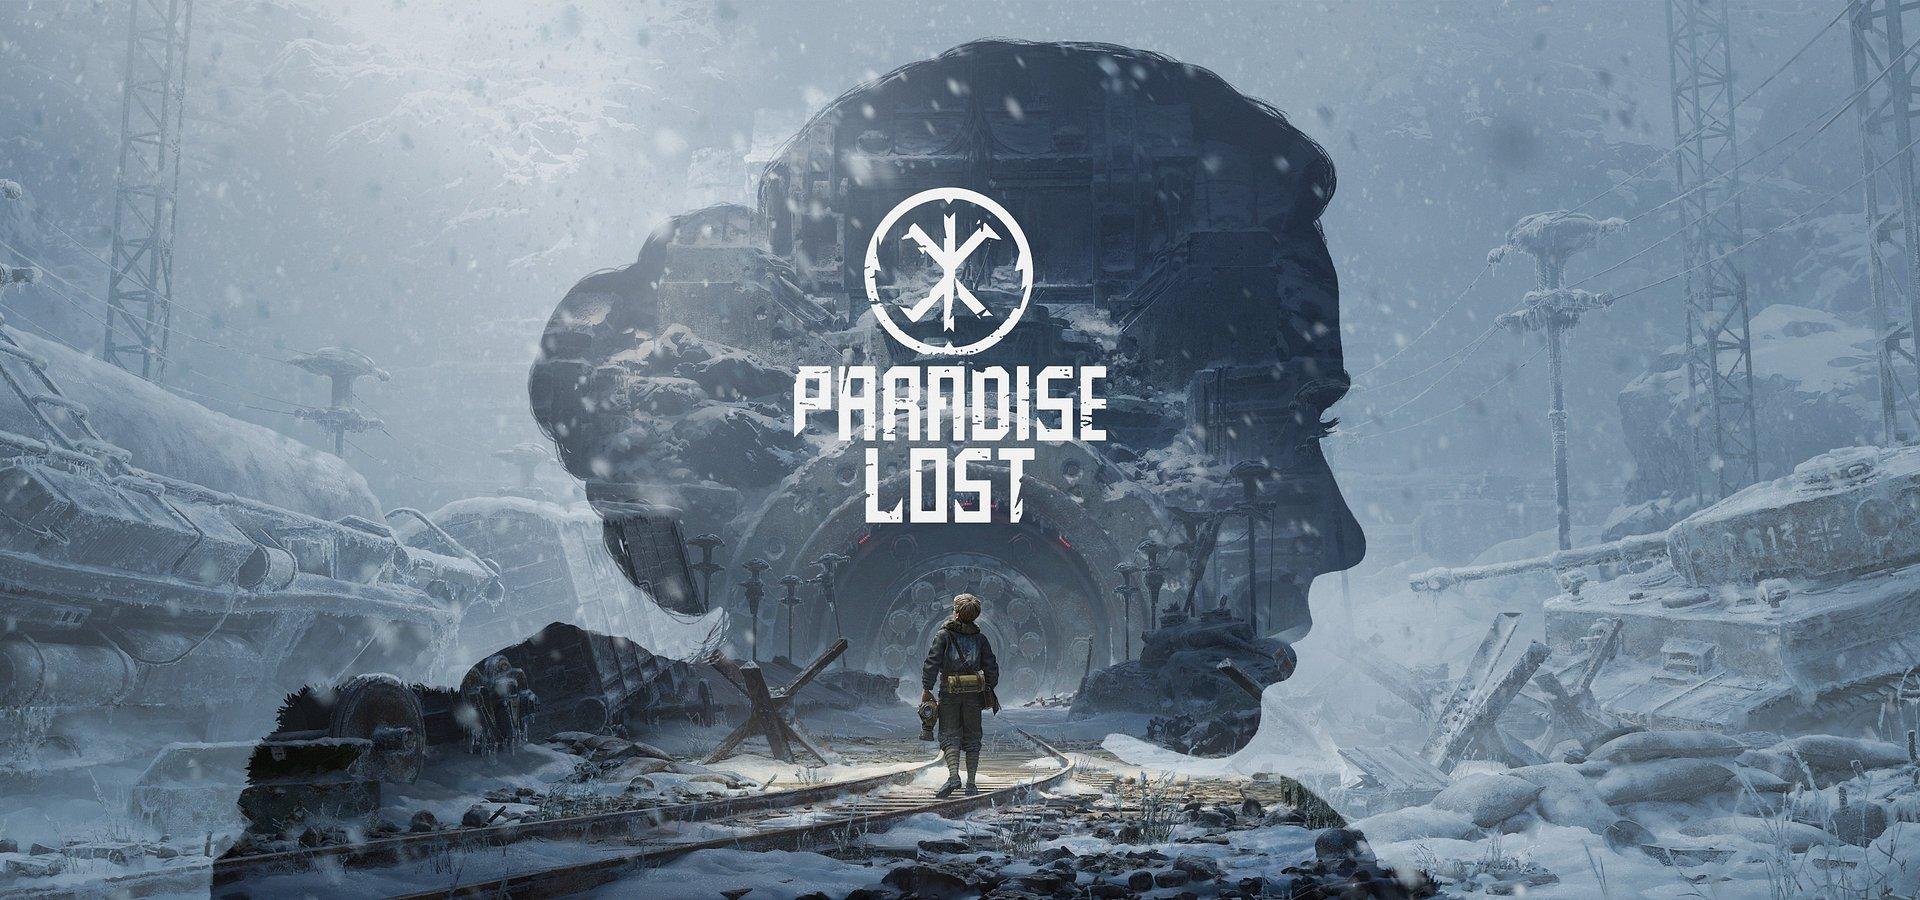 Darmowa zawartość dla właścicieli Paradise Lost! Posłuchaj ścieżki dźwiękowej z gry i odkryj niesamowity artbook